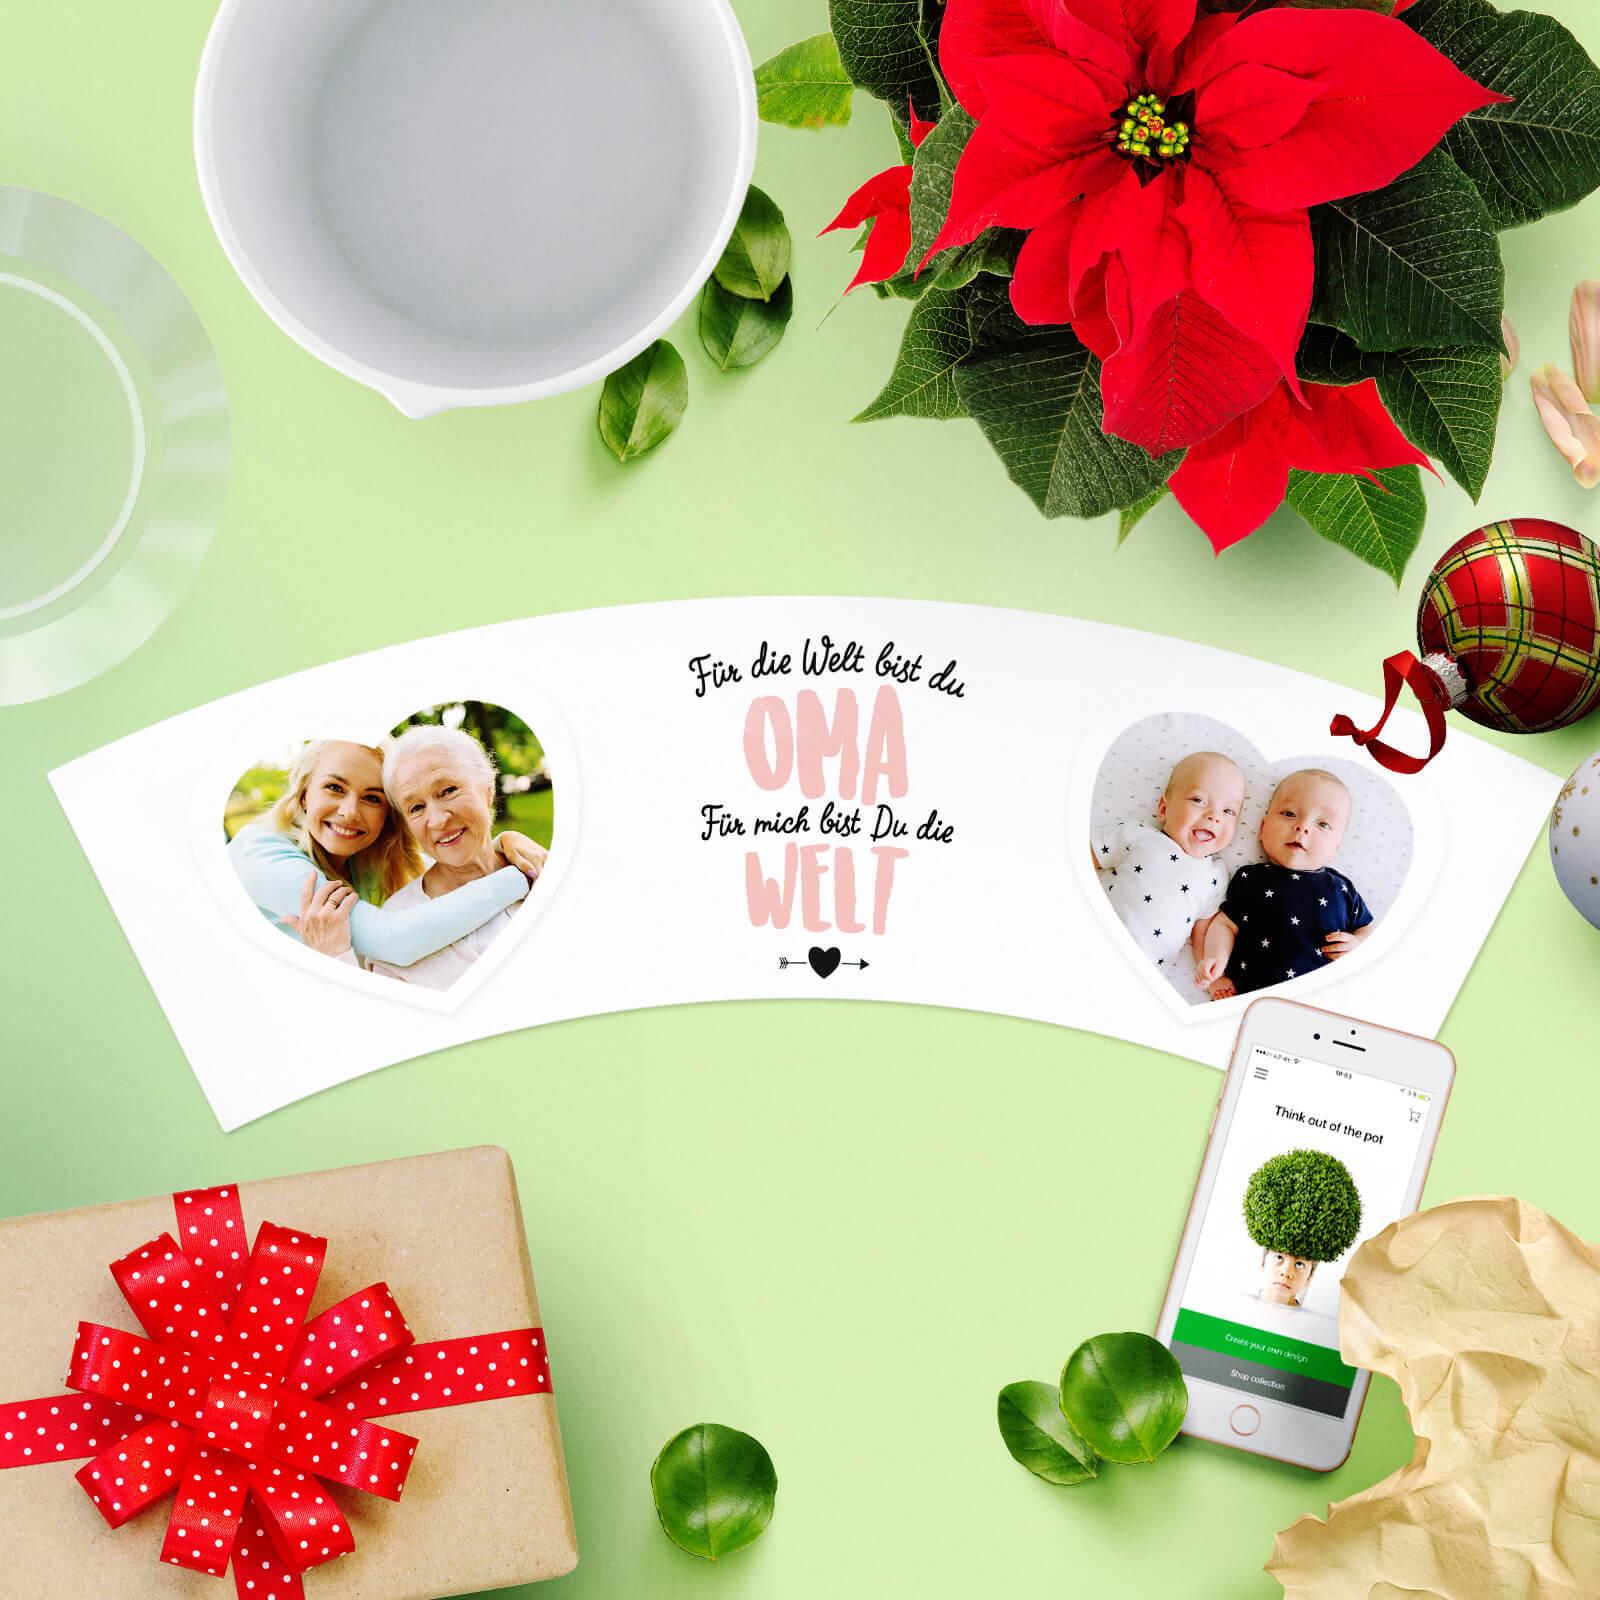 Liebe Worte zu Weihnachten Oma